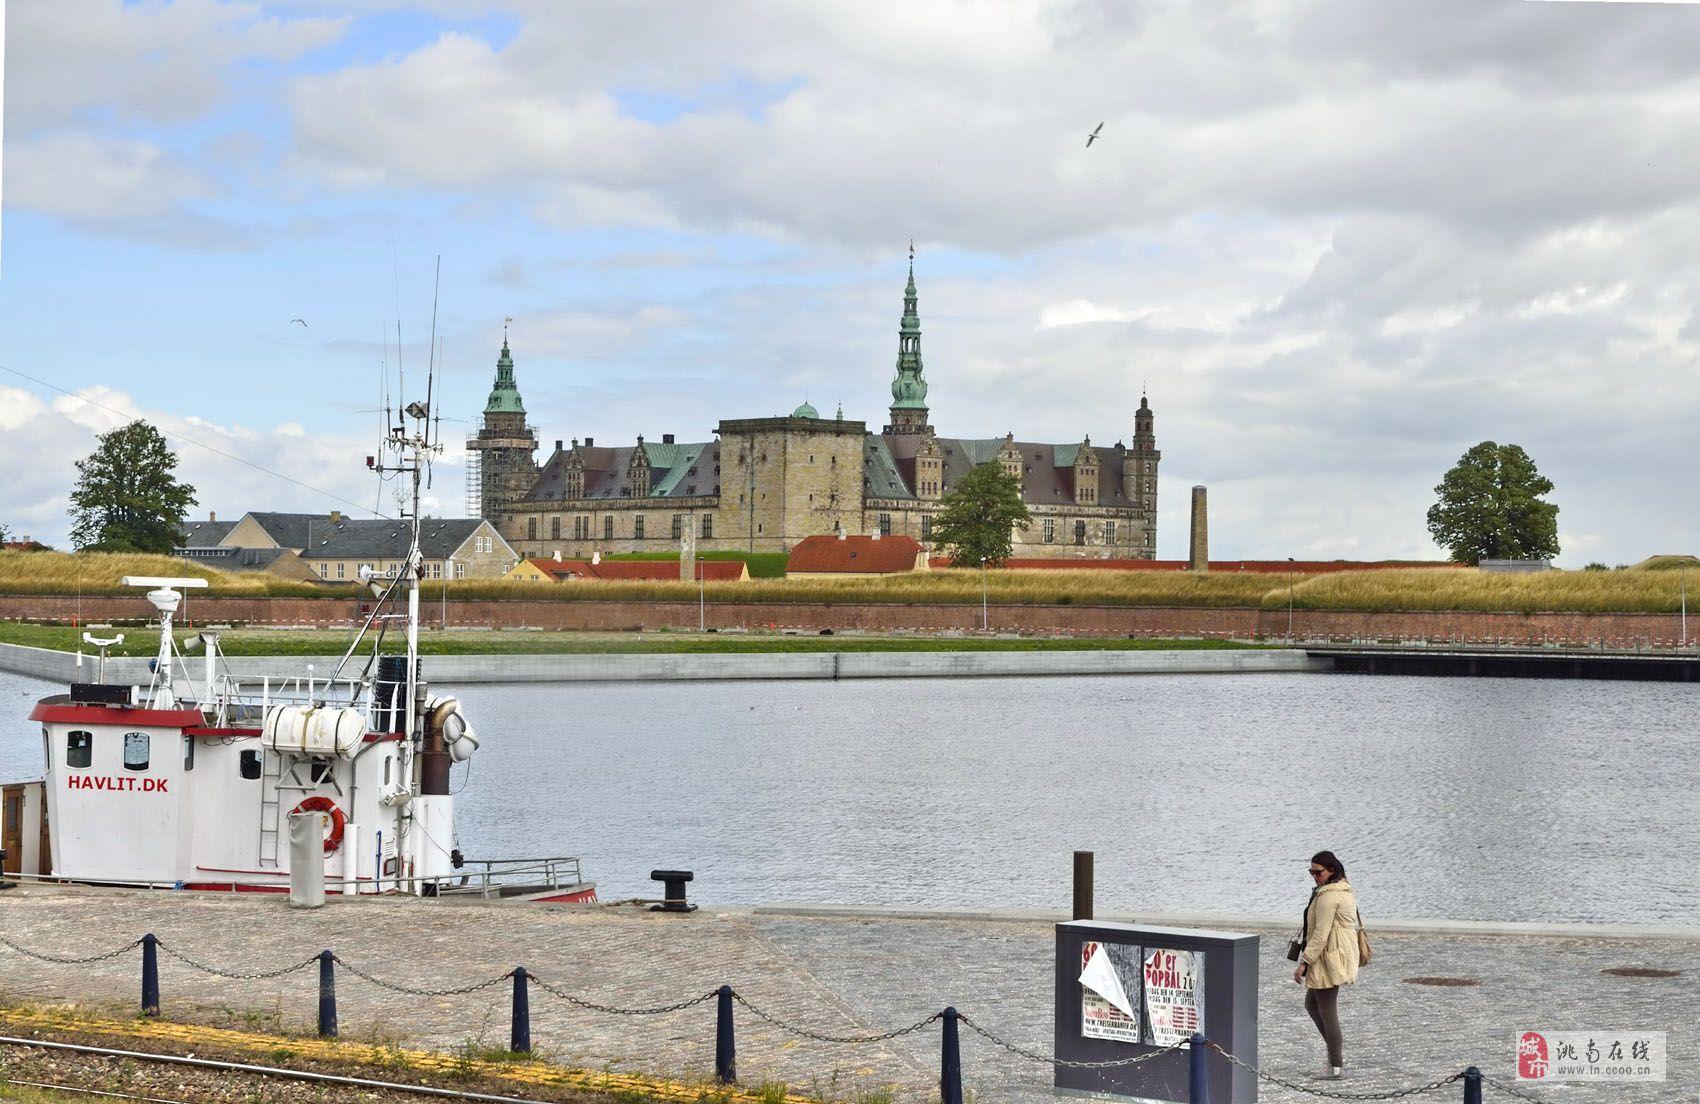 游览俄罗斯和北欧四国(八十一) 我们告别瑞典首都斯德哥尔摩之后,旅游巴士载着我们旅游团一行穿越哥德堡和林雪平两个城市,行驶在北欧大地上,欣赏沿途风光。经过三个多小时的行驶,我们便来到了充满诗意浪漫的童话王国丹麦,丹麦不但拥有灿烂的城堡、诗意的田园风情以及格陵兰壮美的冰川,还有童话大师安徒生为我们编织的美丽童话故事。据导游介绍:在丹麦语中,丹为沙滩、森林之意,麦为土地、国家之意。丹麦是世界上最早的君主立宪制国家。丹麦王国位于欧洲大陆西北端,东靠波罗的海,西濒北海,北面与挪威、瑞典隔海相望,